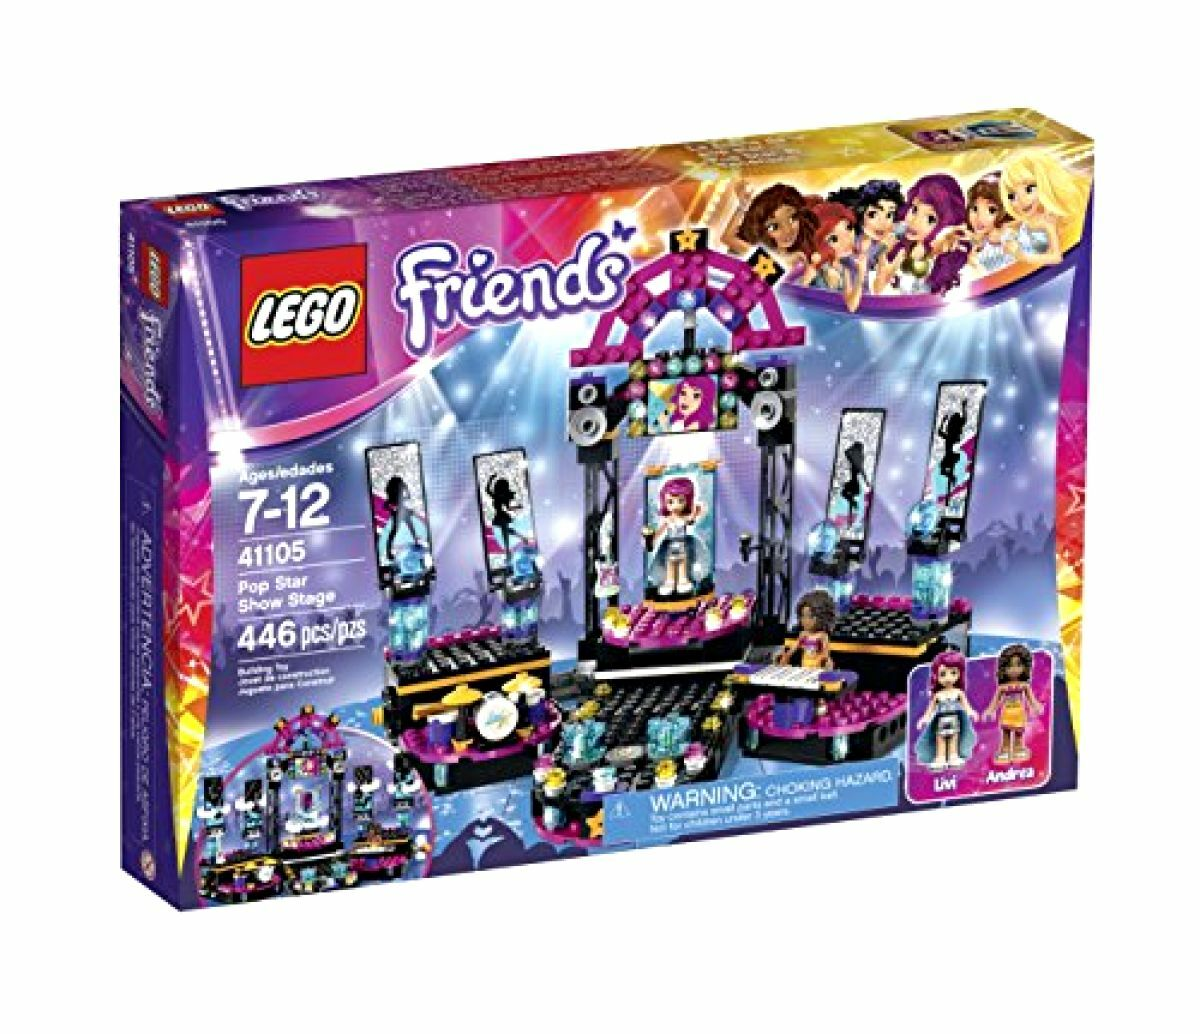 LEGO Amici - Pop estrella mostrare Stage, giocattolo per ragazze 7-12 anni, nuovo regalo diverdeimento